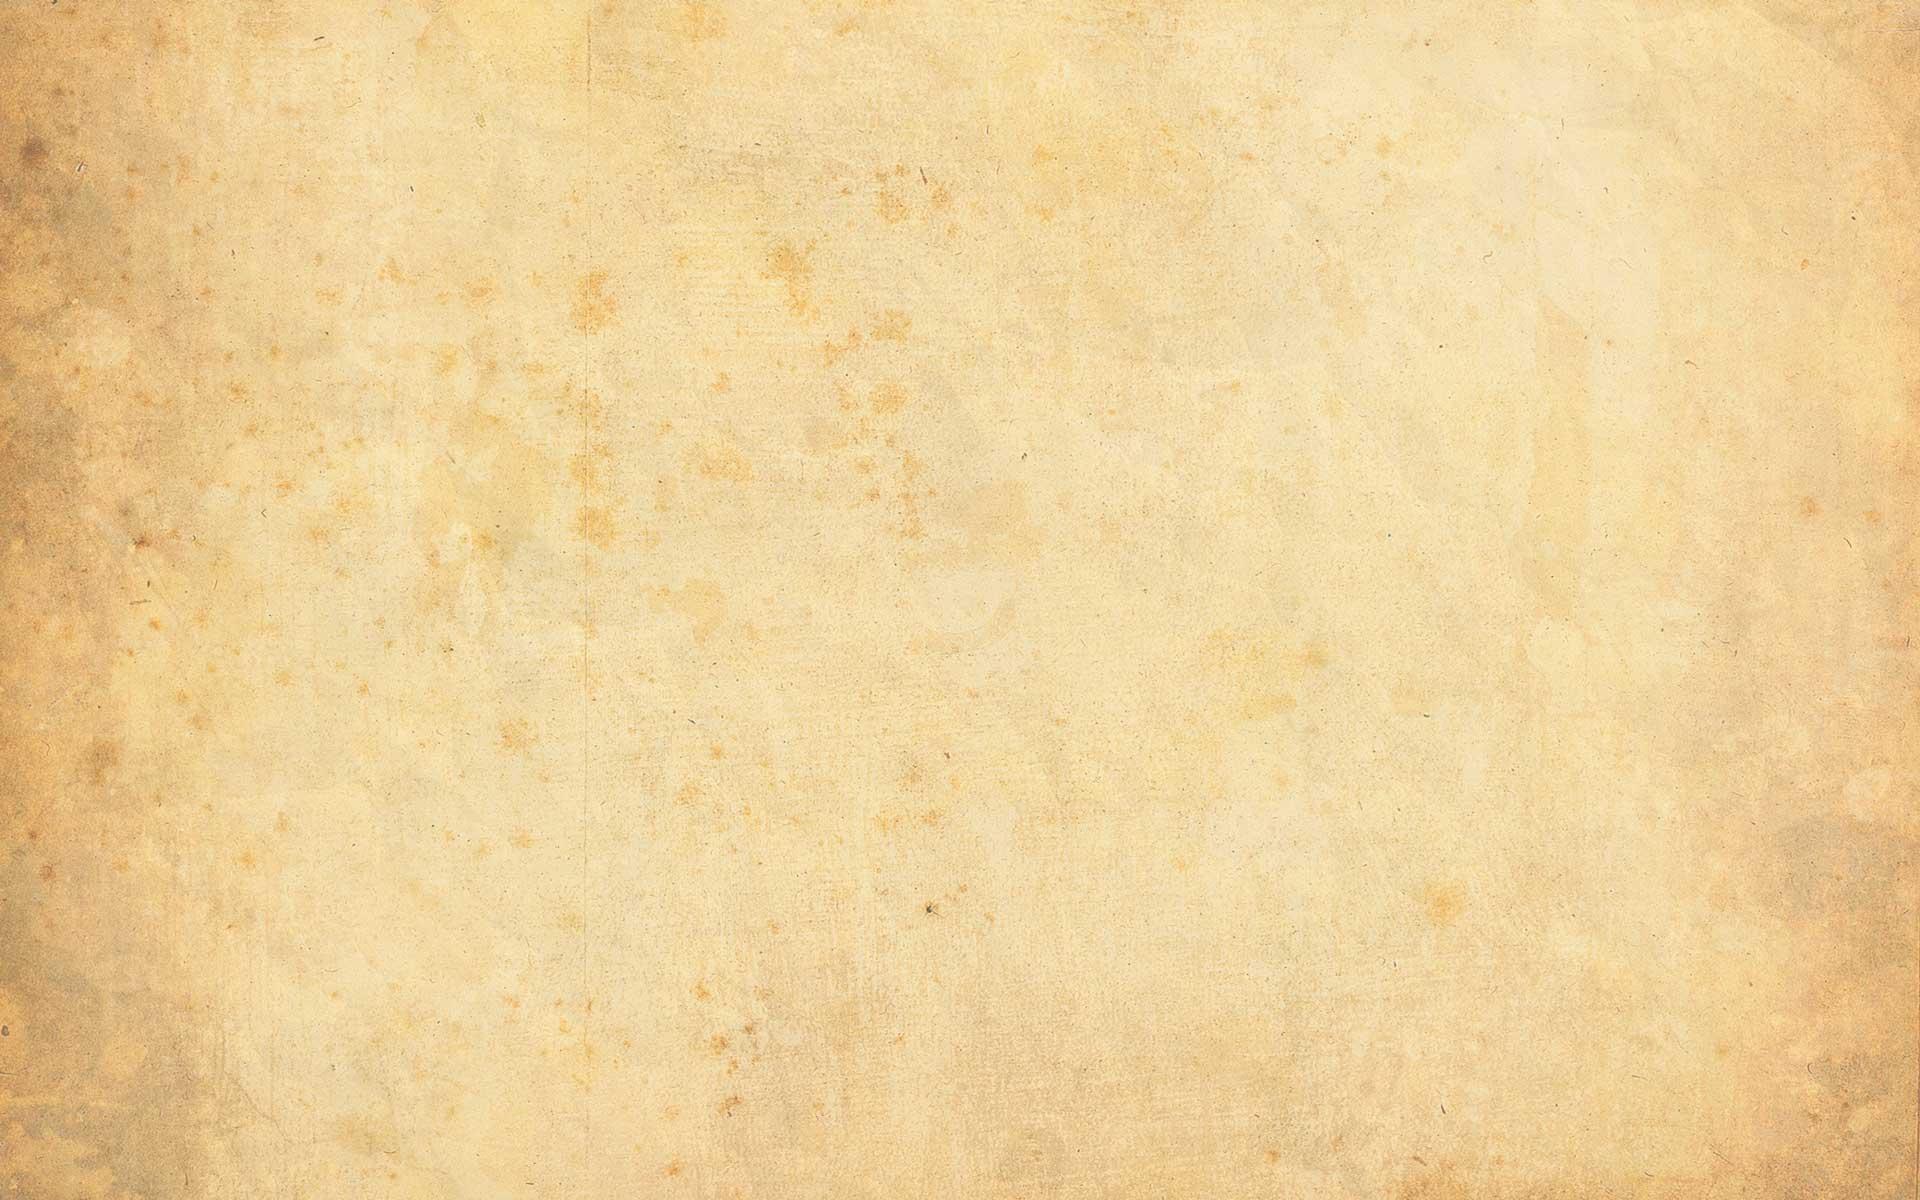 Textura papel antigo vila st gallen - Papel pared antiguo ...